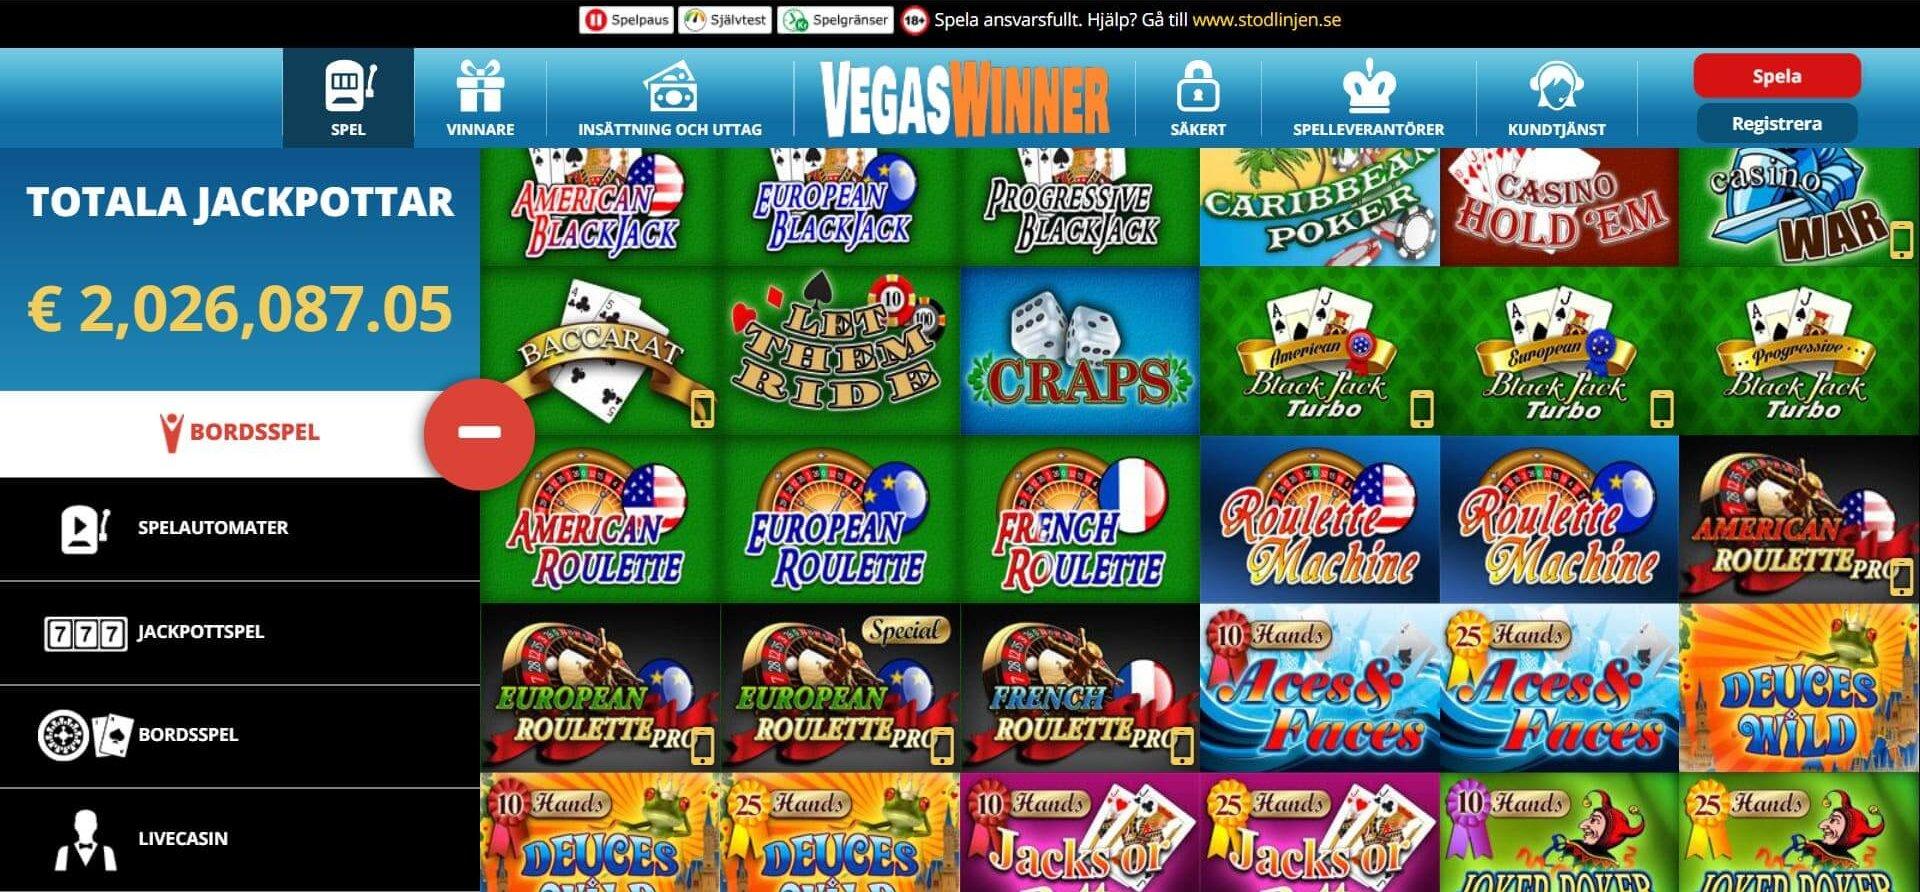 Många bordsspel i en annorlunda layout - på Vegas Winner